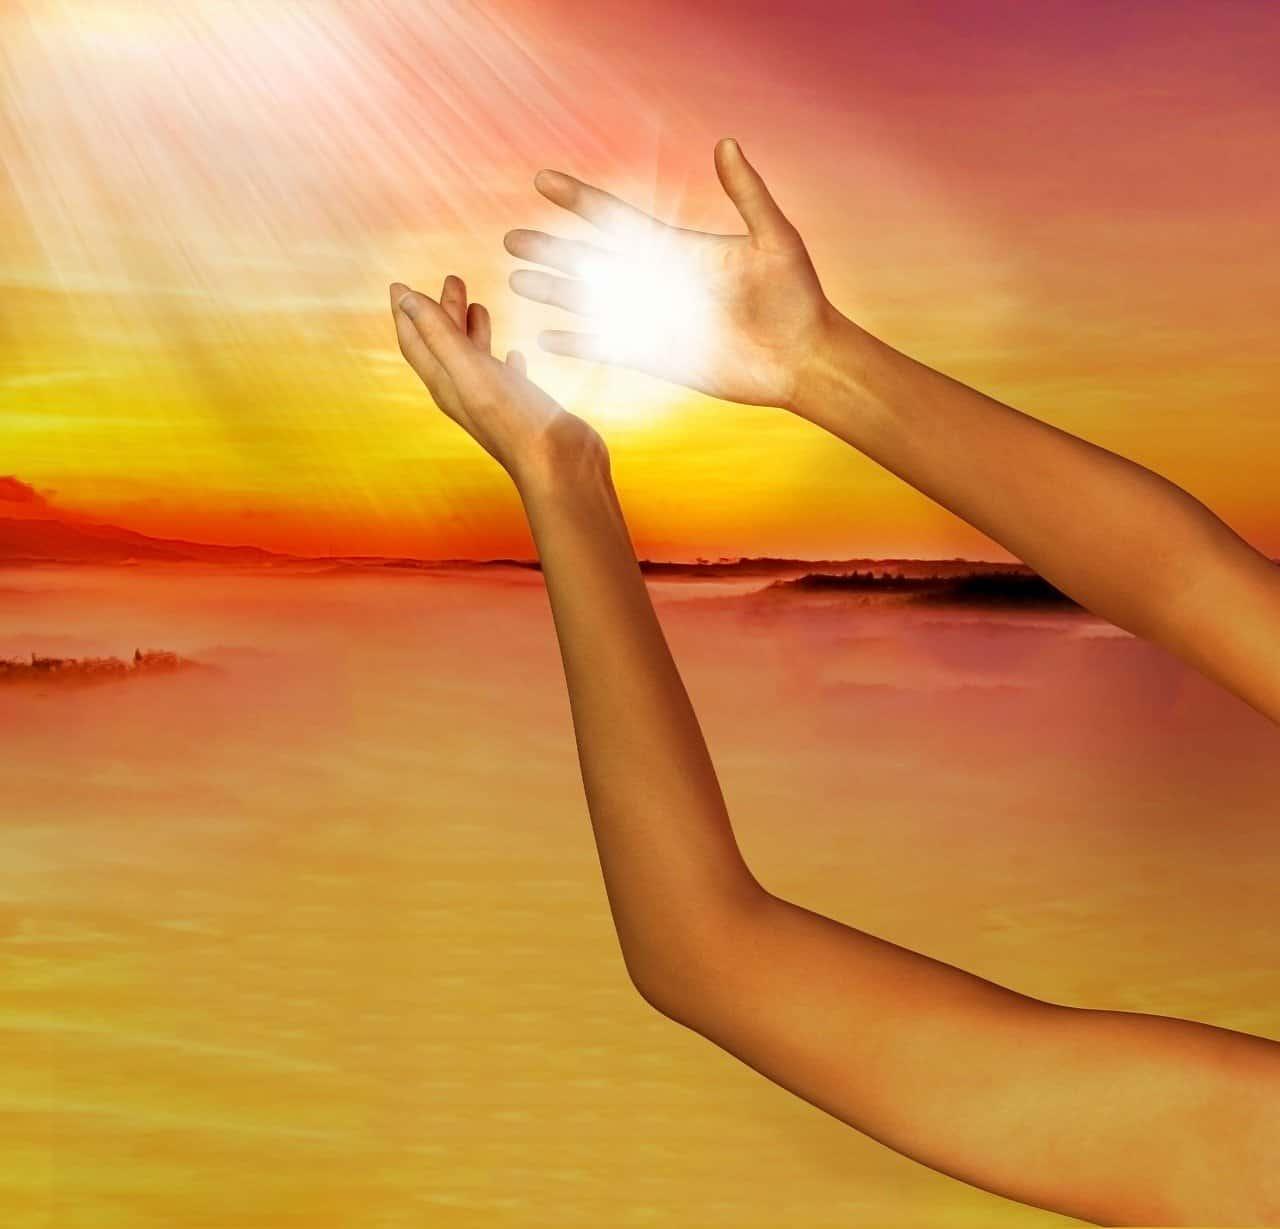 religion 4695356 1280 es hora de la expresion de nuestra alma i229579